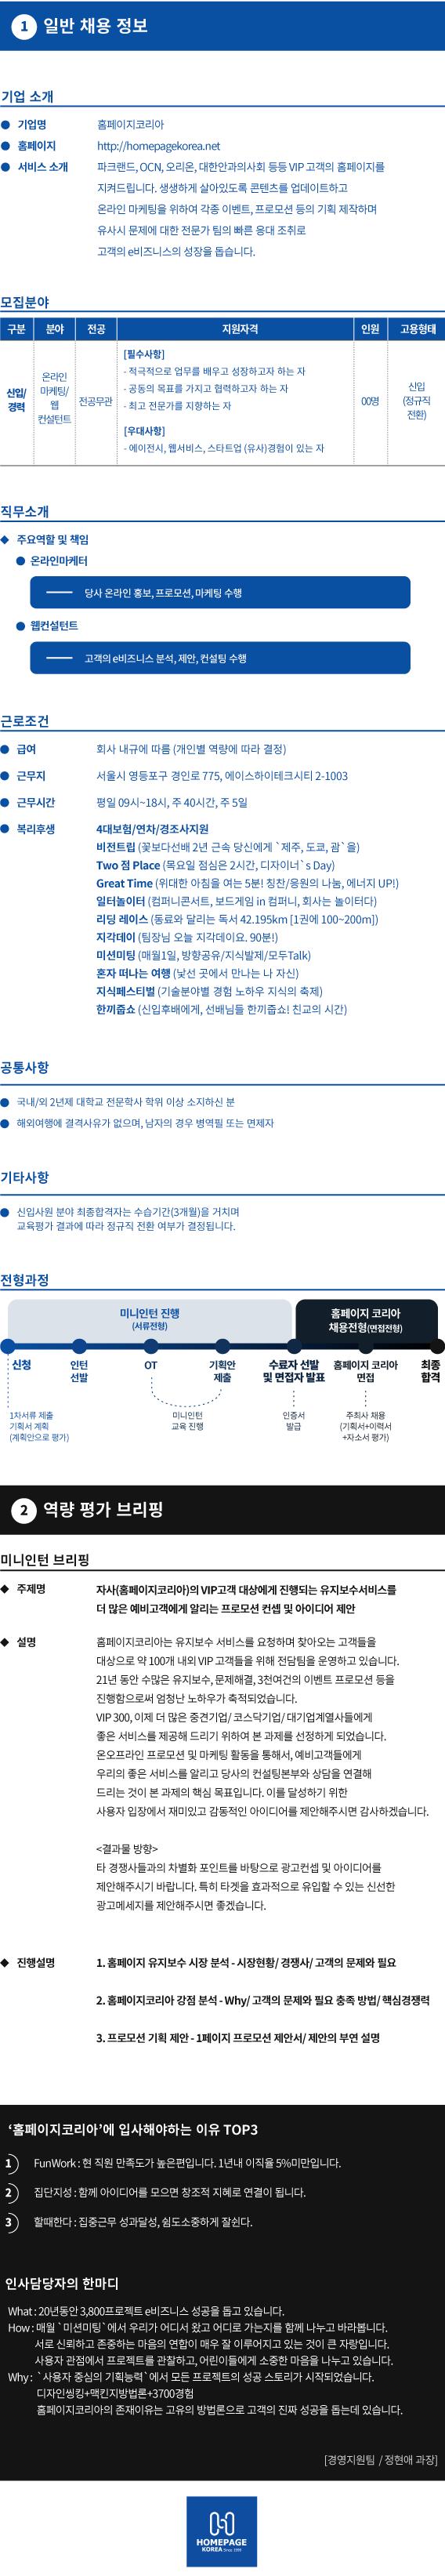 10기-홈페이지코리아(수정).png